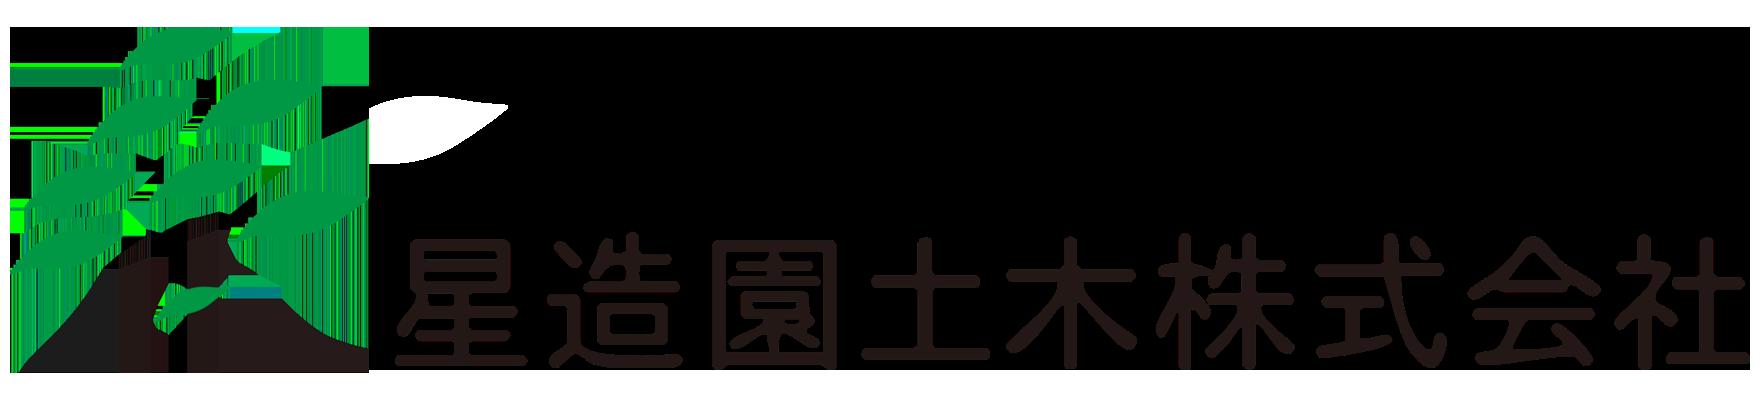 星造園土木株式会社|宮城県仙台市|ISO9001・みちのくEMS取得